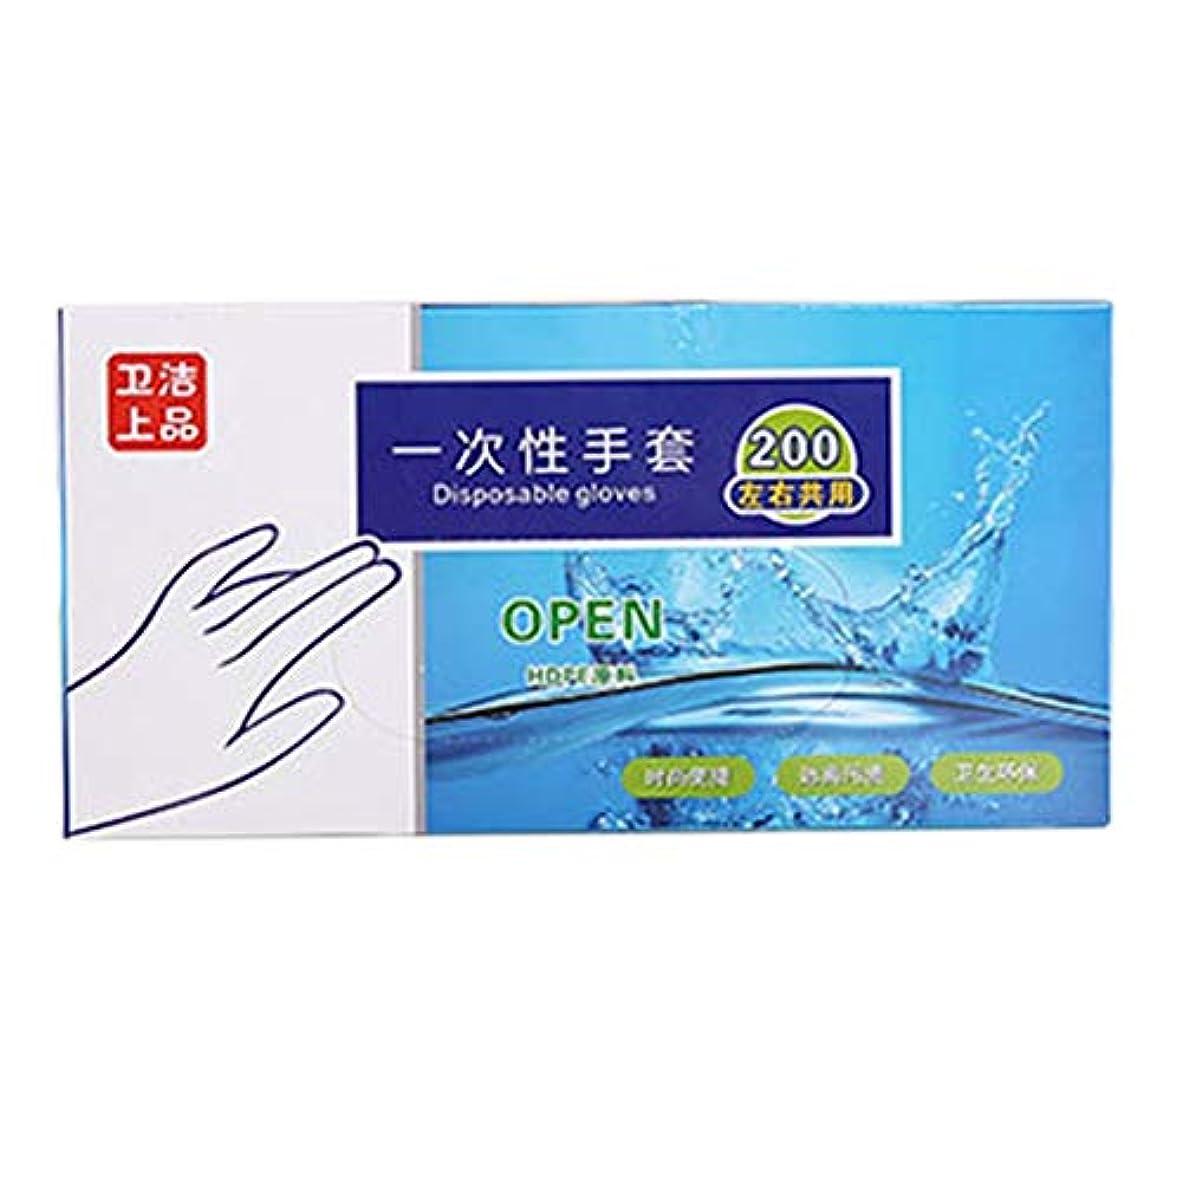 瞬時にテクニカル厄介なMoresave 200枚 使い捨て手袋 使いきり手袋 キッチン 掃除用具 防水防油 透明 厚手